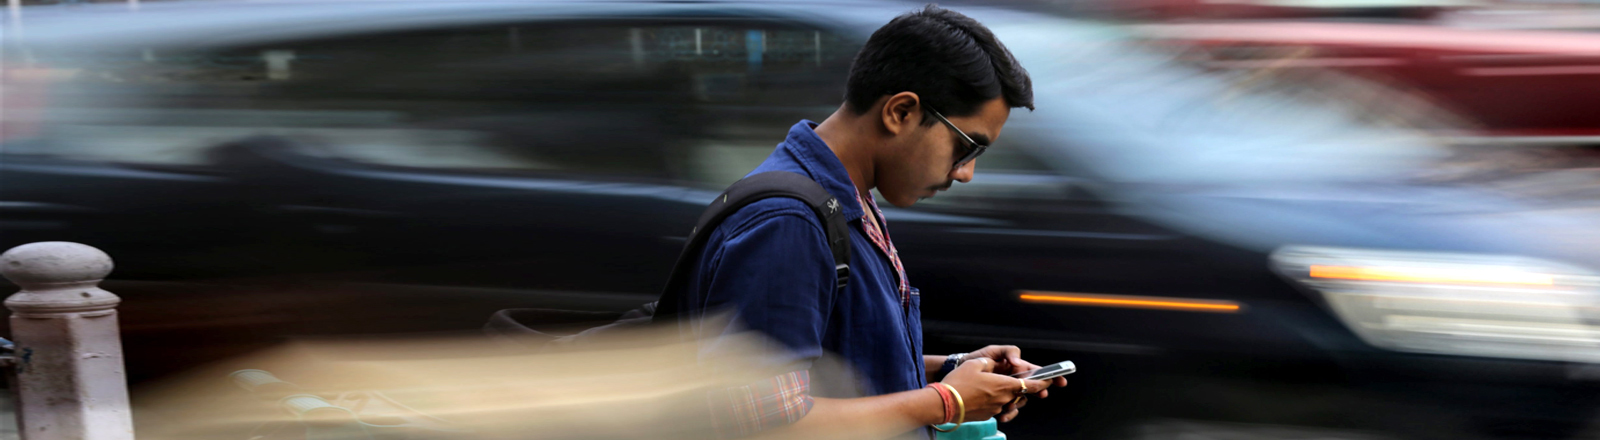 Mann am Straßenrand tippt auf Smartphone